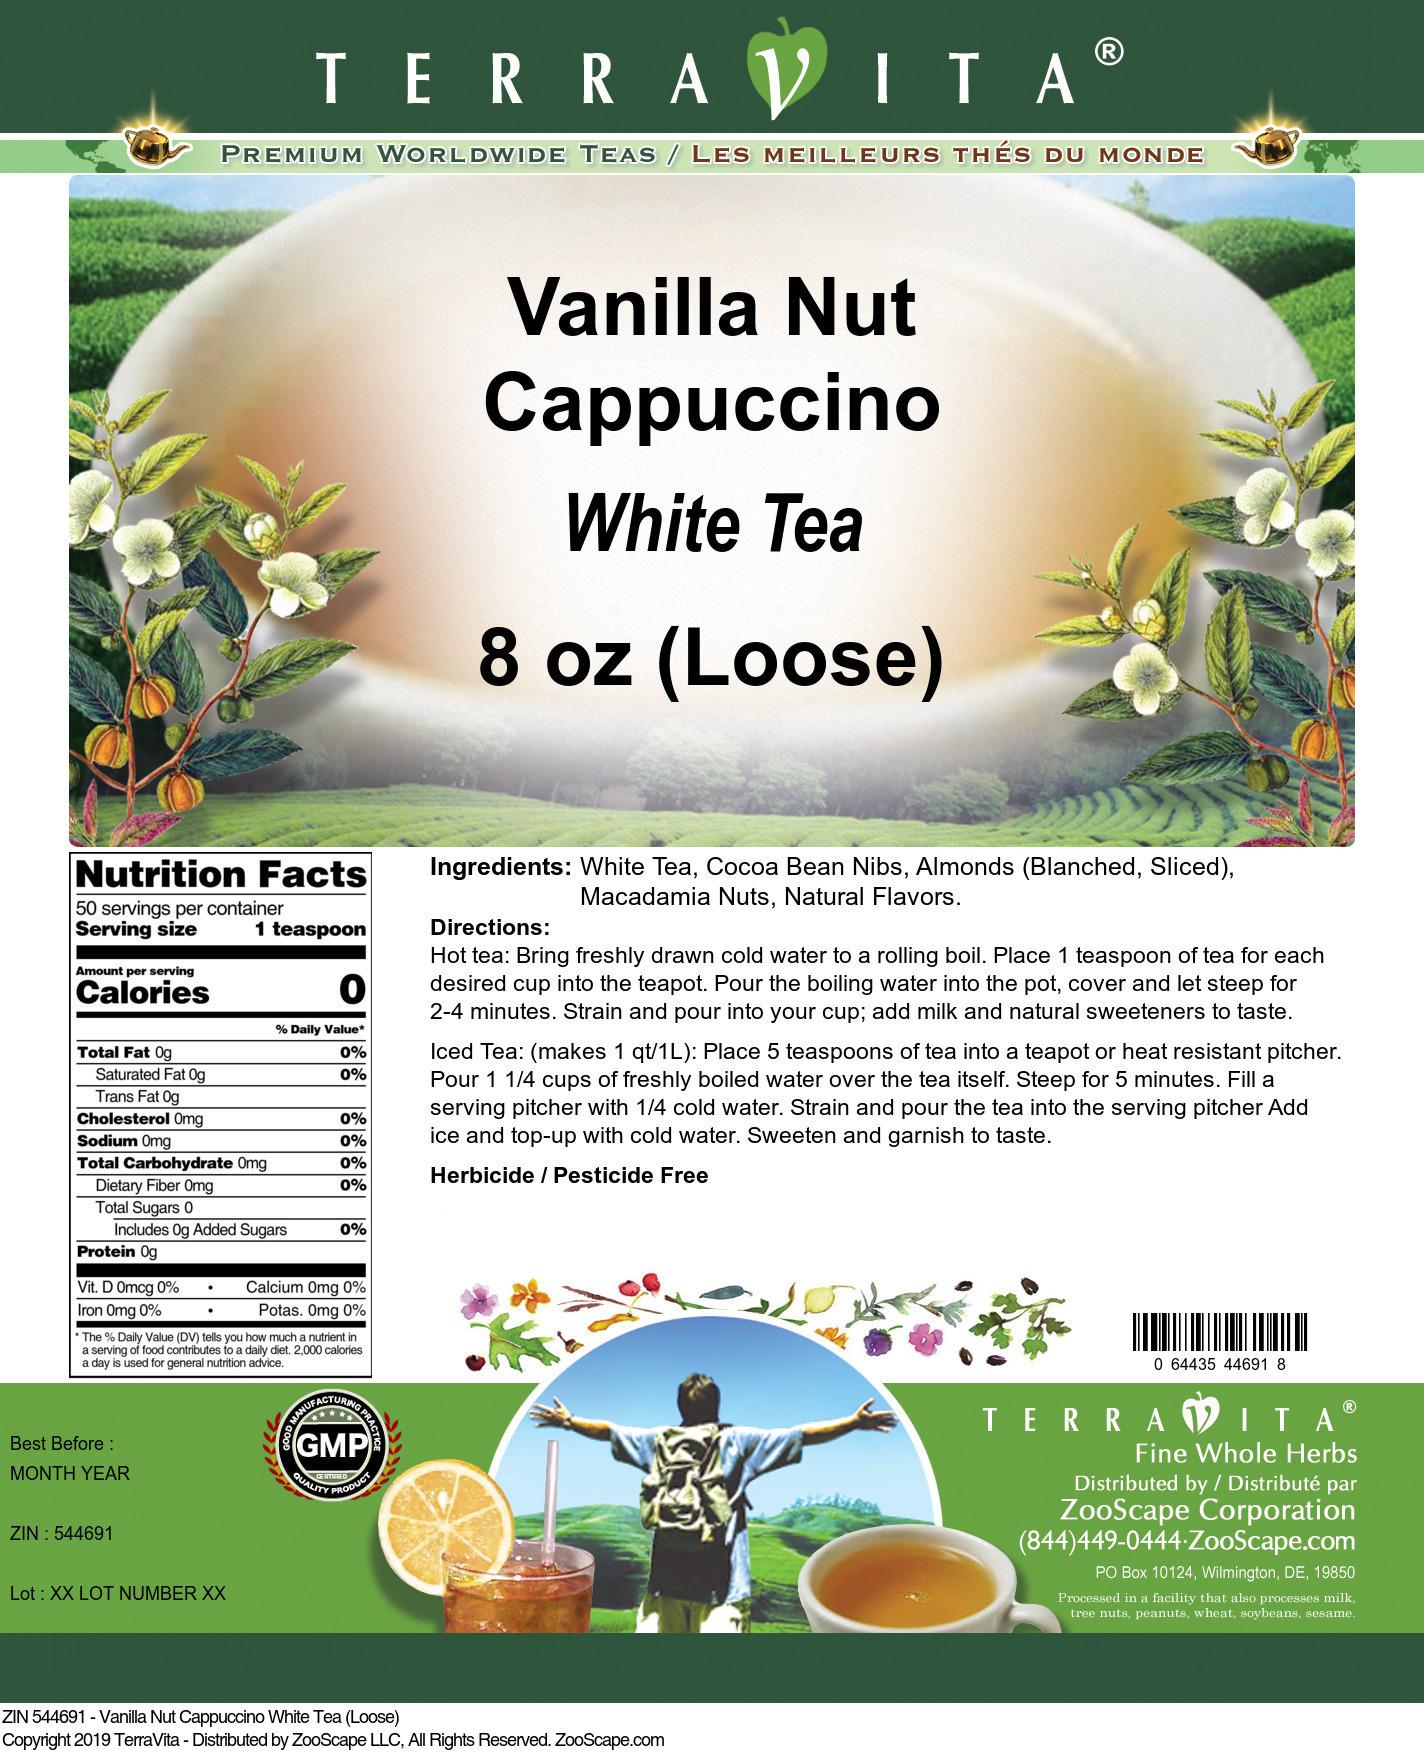 Vanilla Nut Cappuccino White Tea